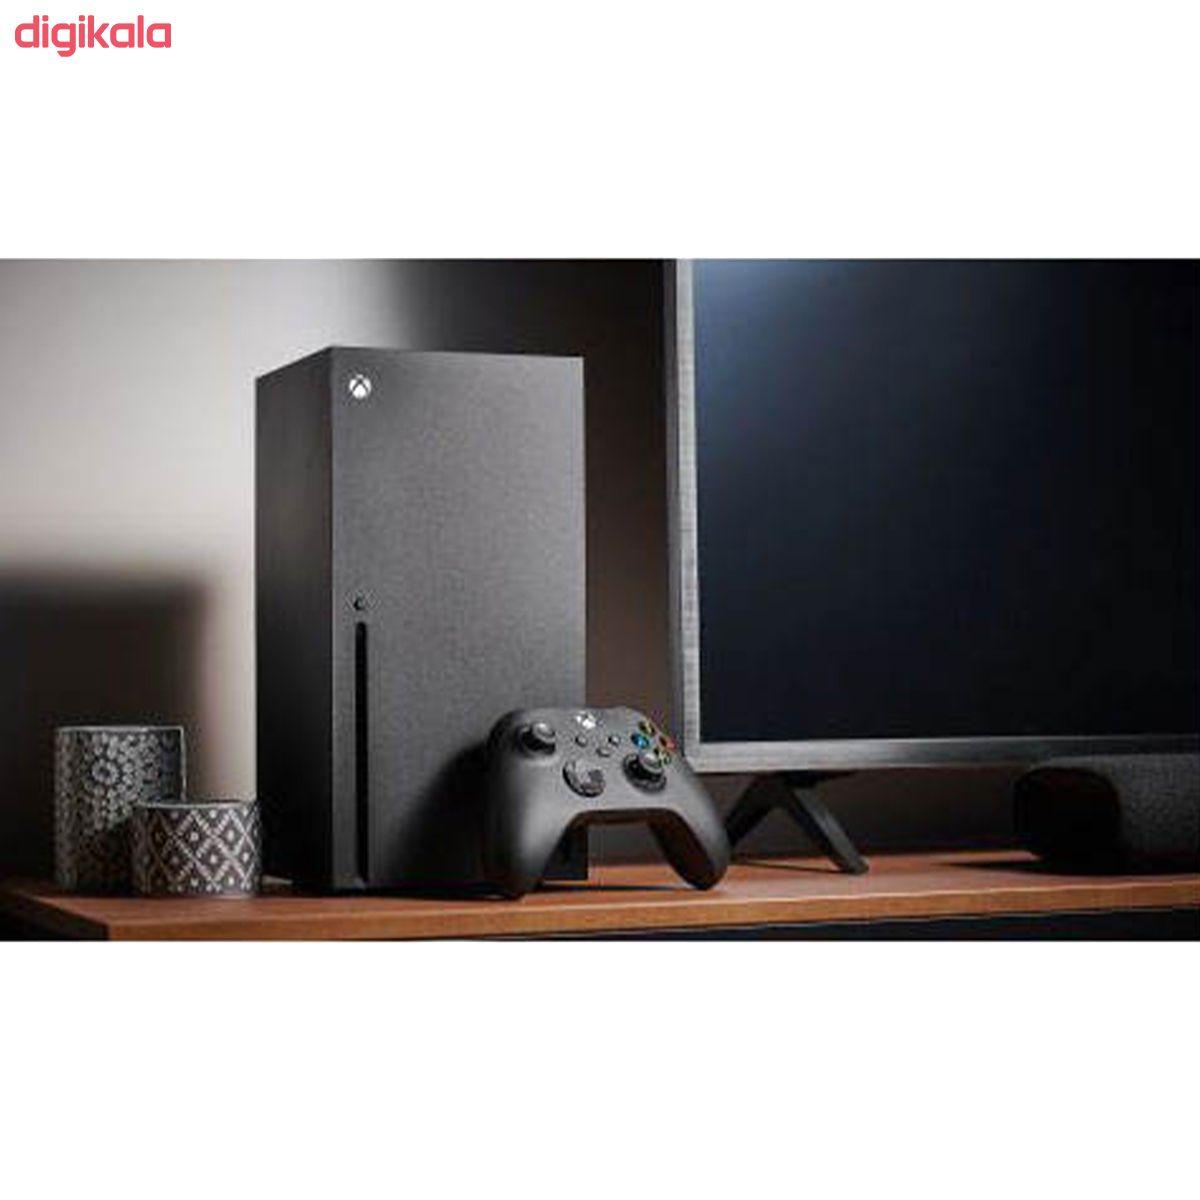 مجموعه کنسول بازی مایکروسافت مدل Xbox Series X ظرفیت 1 ترابایت main 1 14